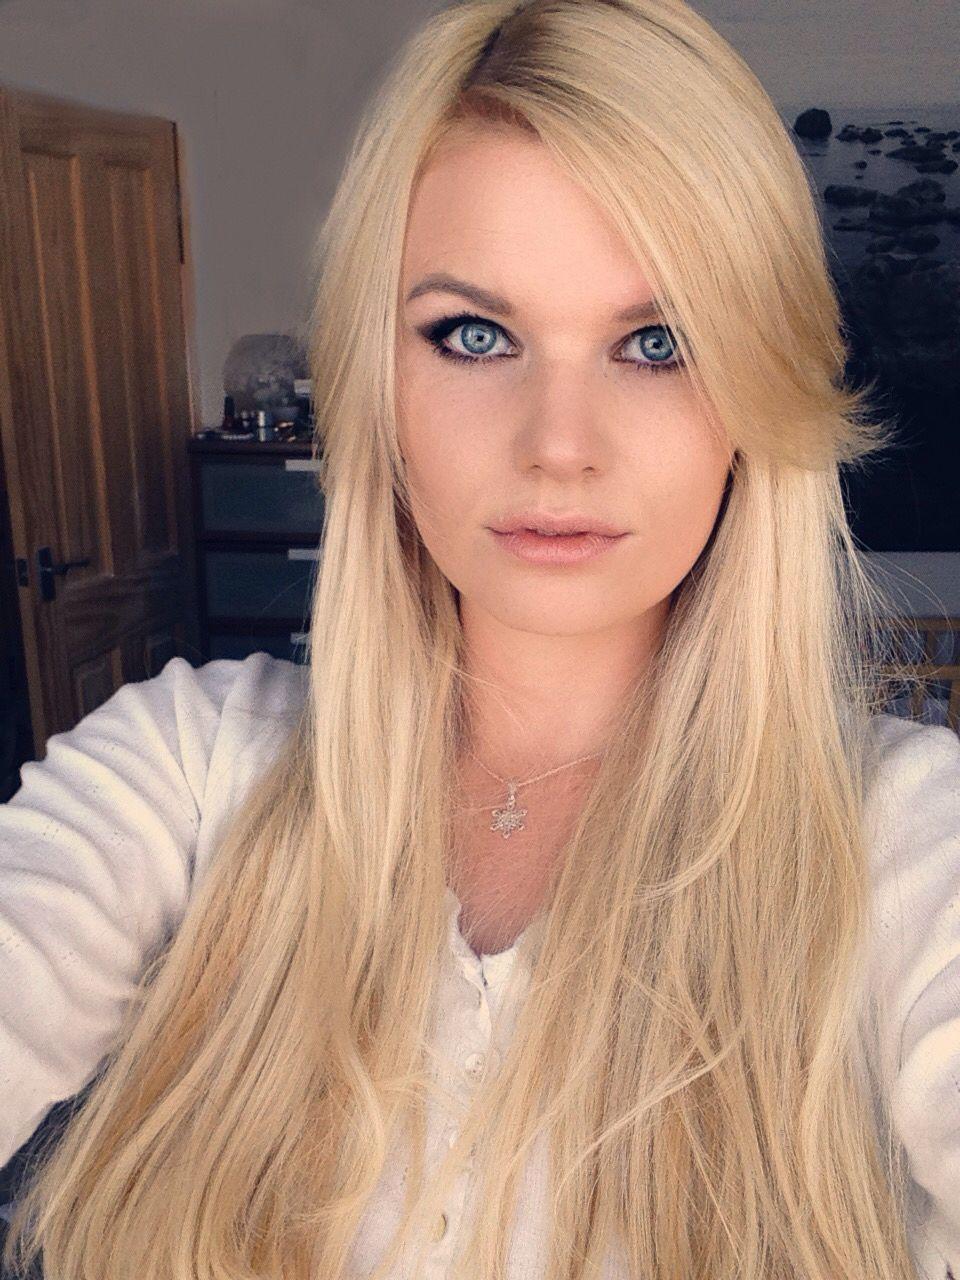 Long blonde wavy hair, bright blue eyes and smokey make up! <3 #blueeyes #blonde #nanoring #extensions #smokeyeyes #smokey #eyes #welsh